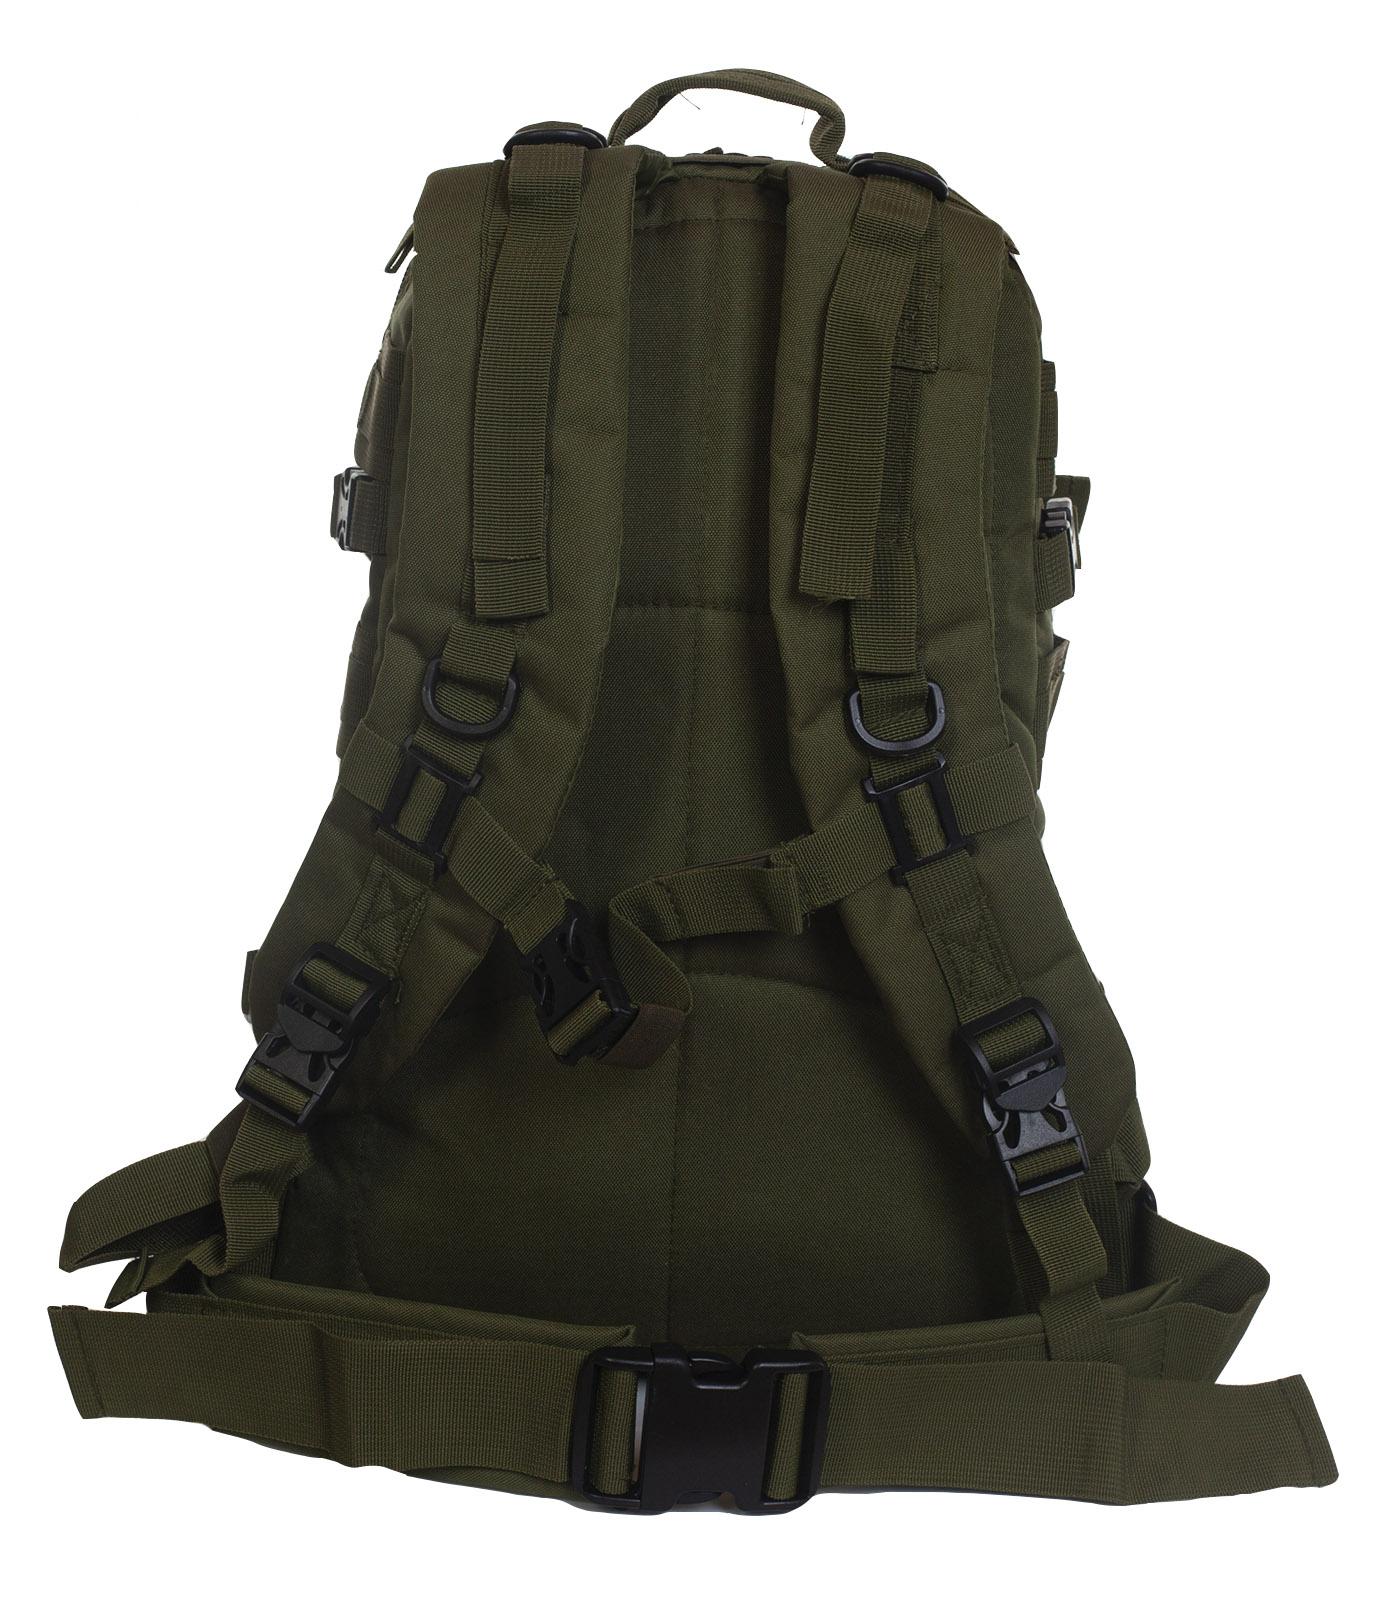 Лёгкий рюкзак BLACKHAWK (хаки-олива) - купить недорого